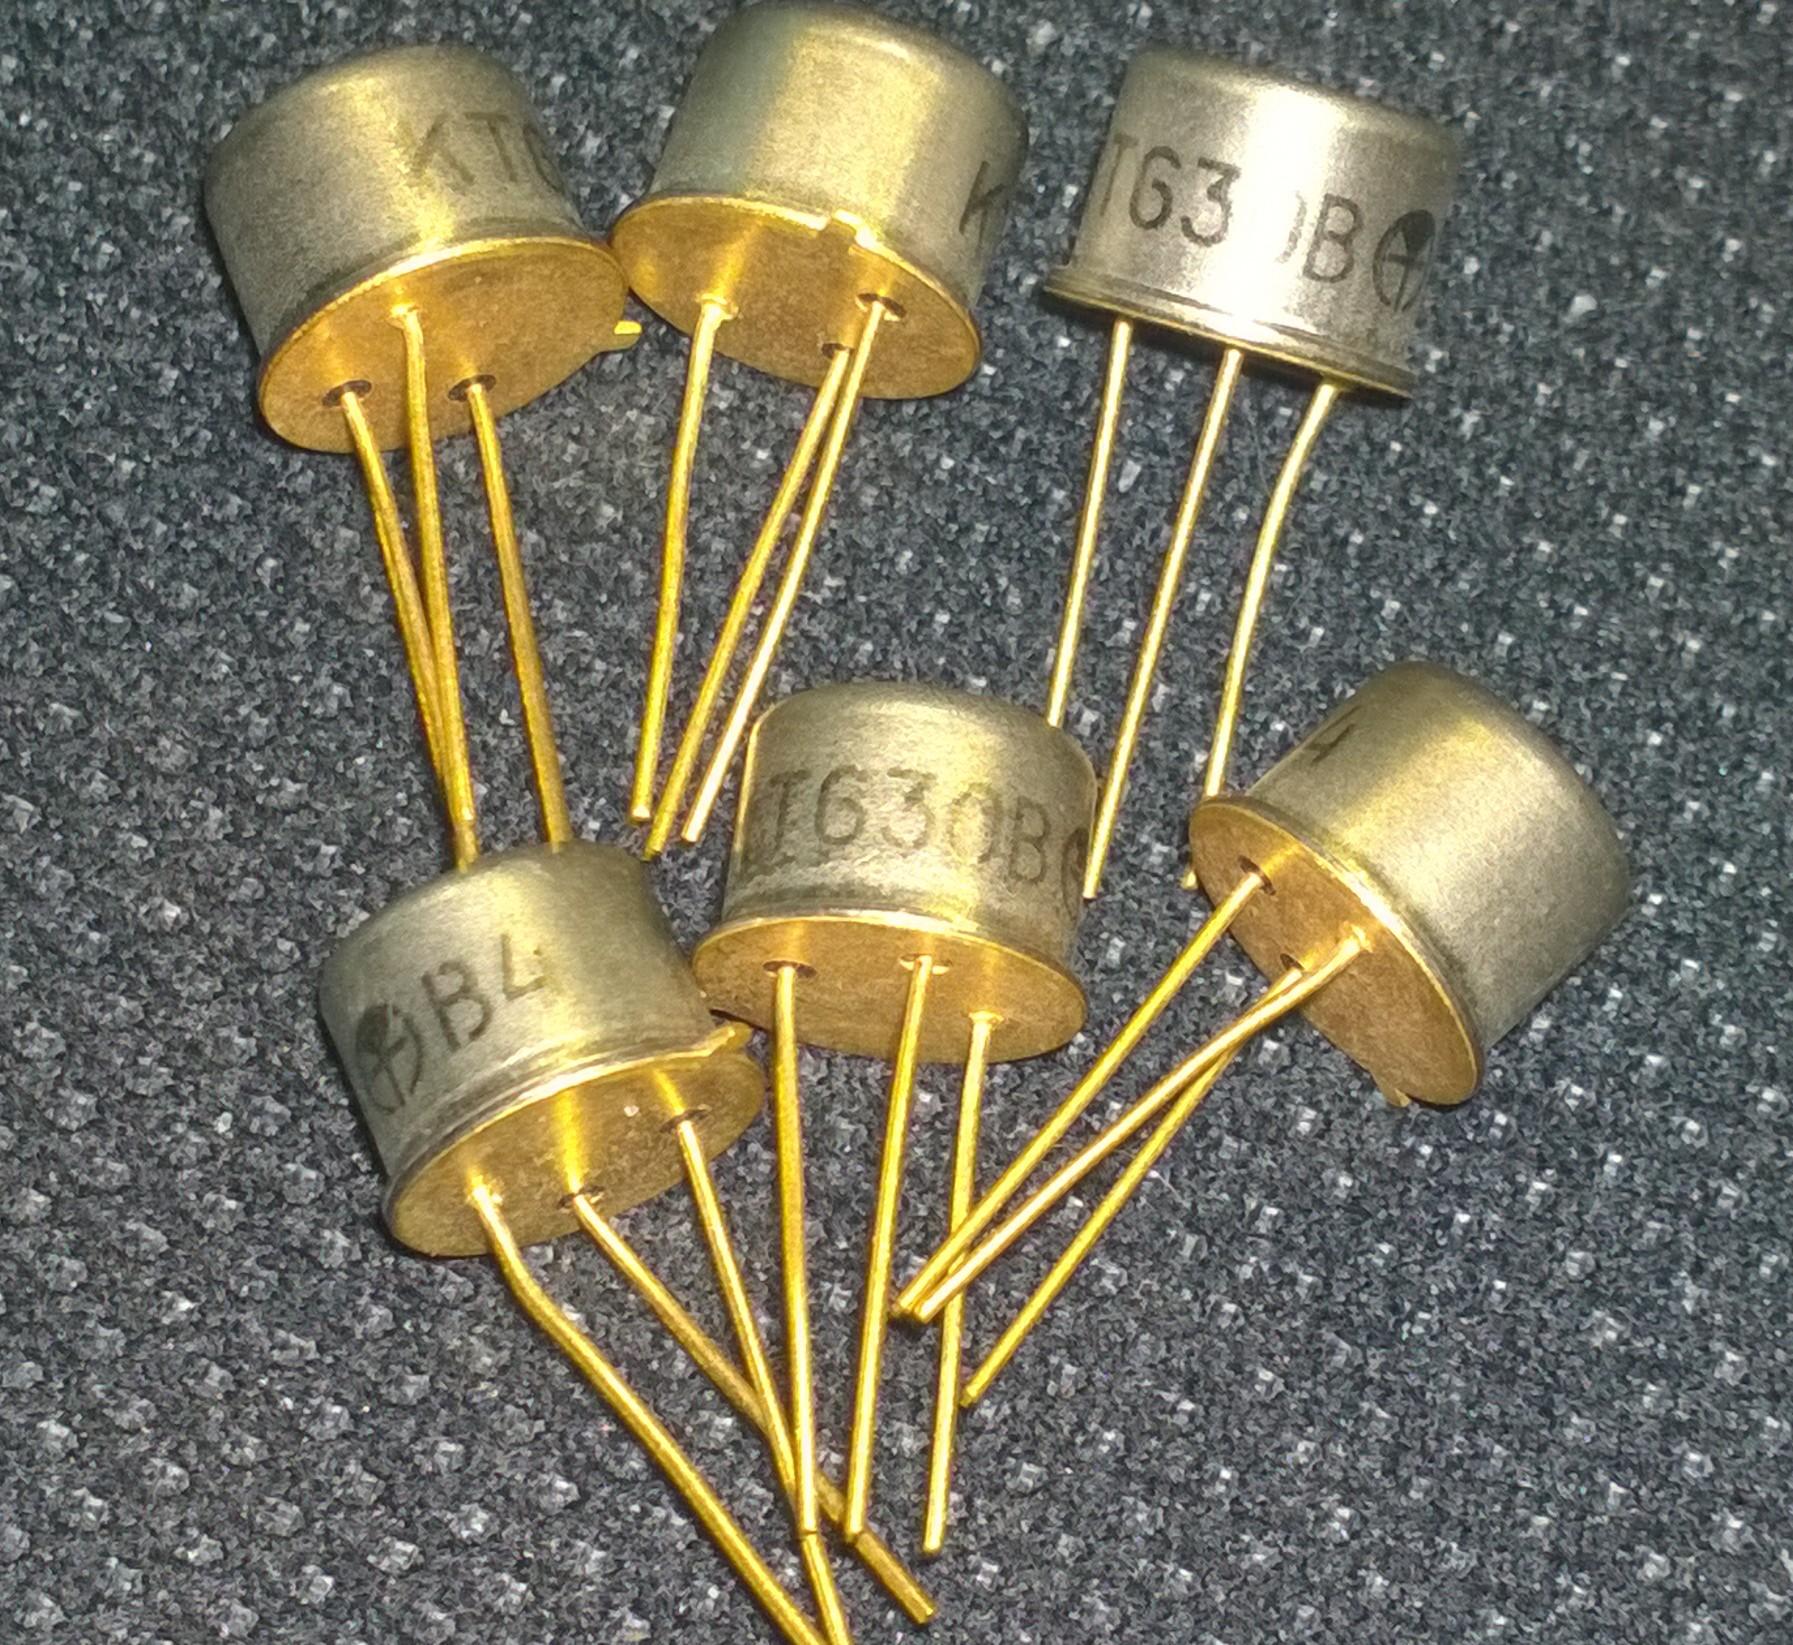 транзисторы фото и названия год дня бракосочетания